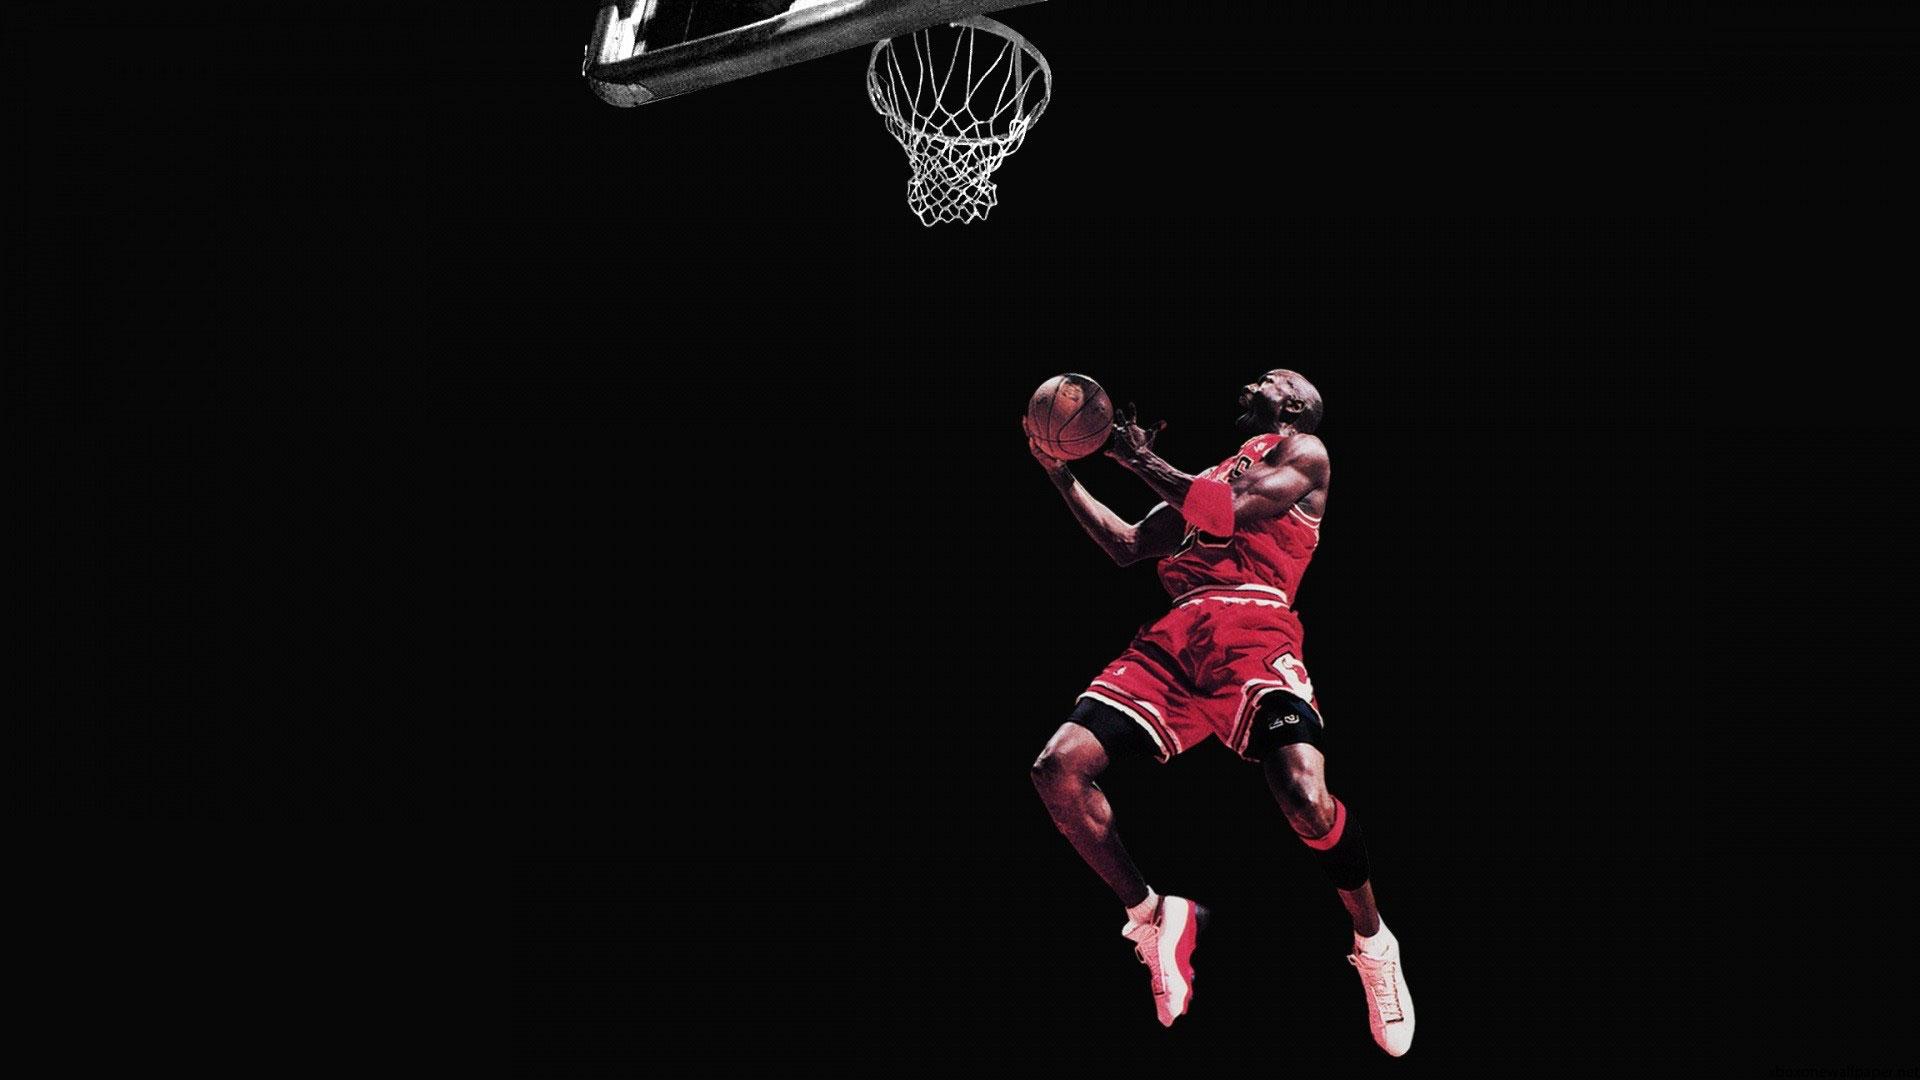 Michael Jordan Wallpaper Xbox One - WallpaperSafari